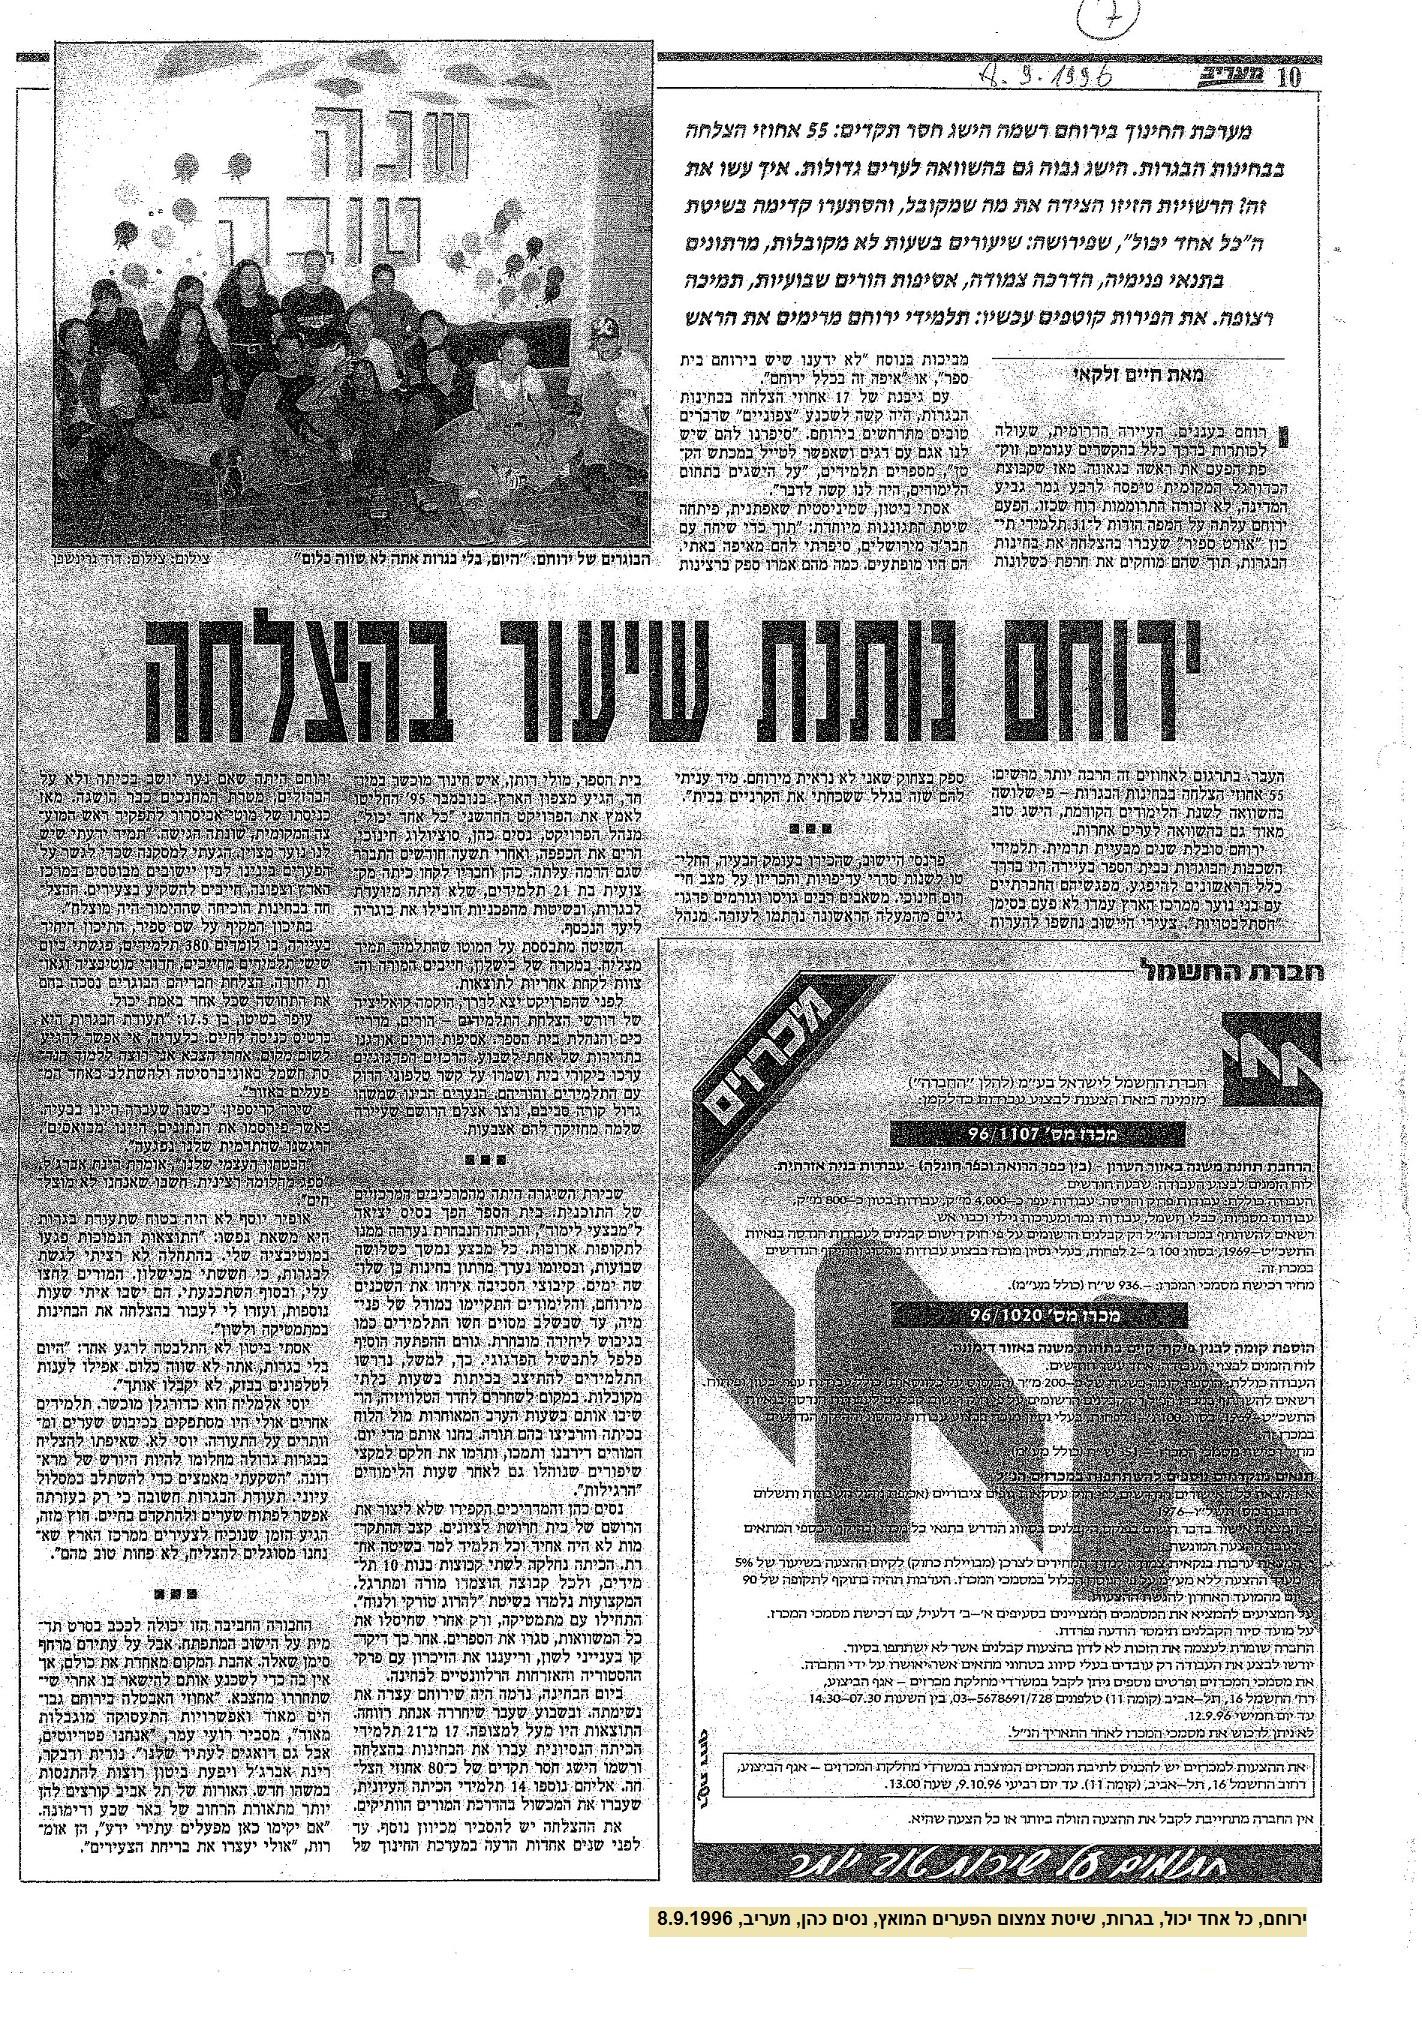 ירוחם נותנת שיעור בהצלחה, כל אחד יכול, נסים כהן, מעריב, 8.9.1996